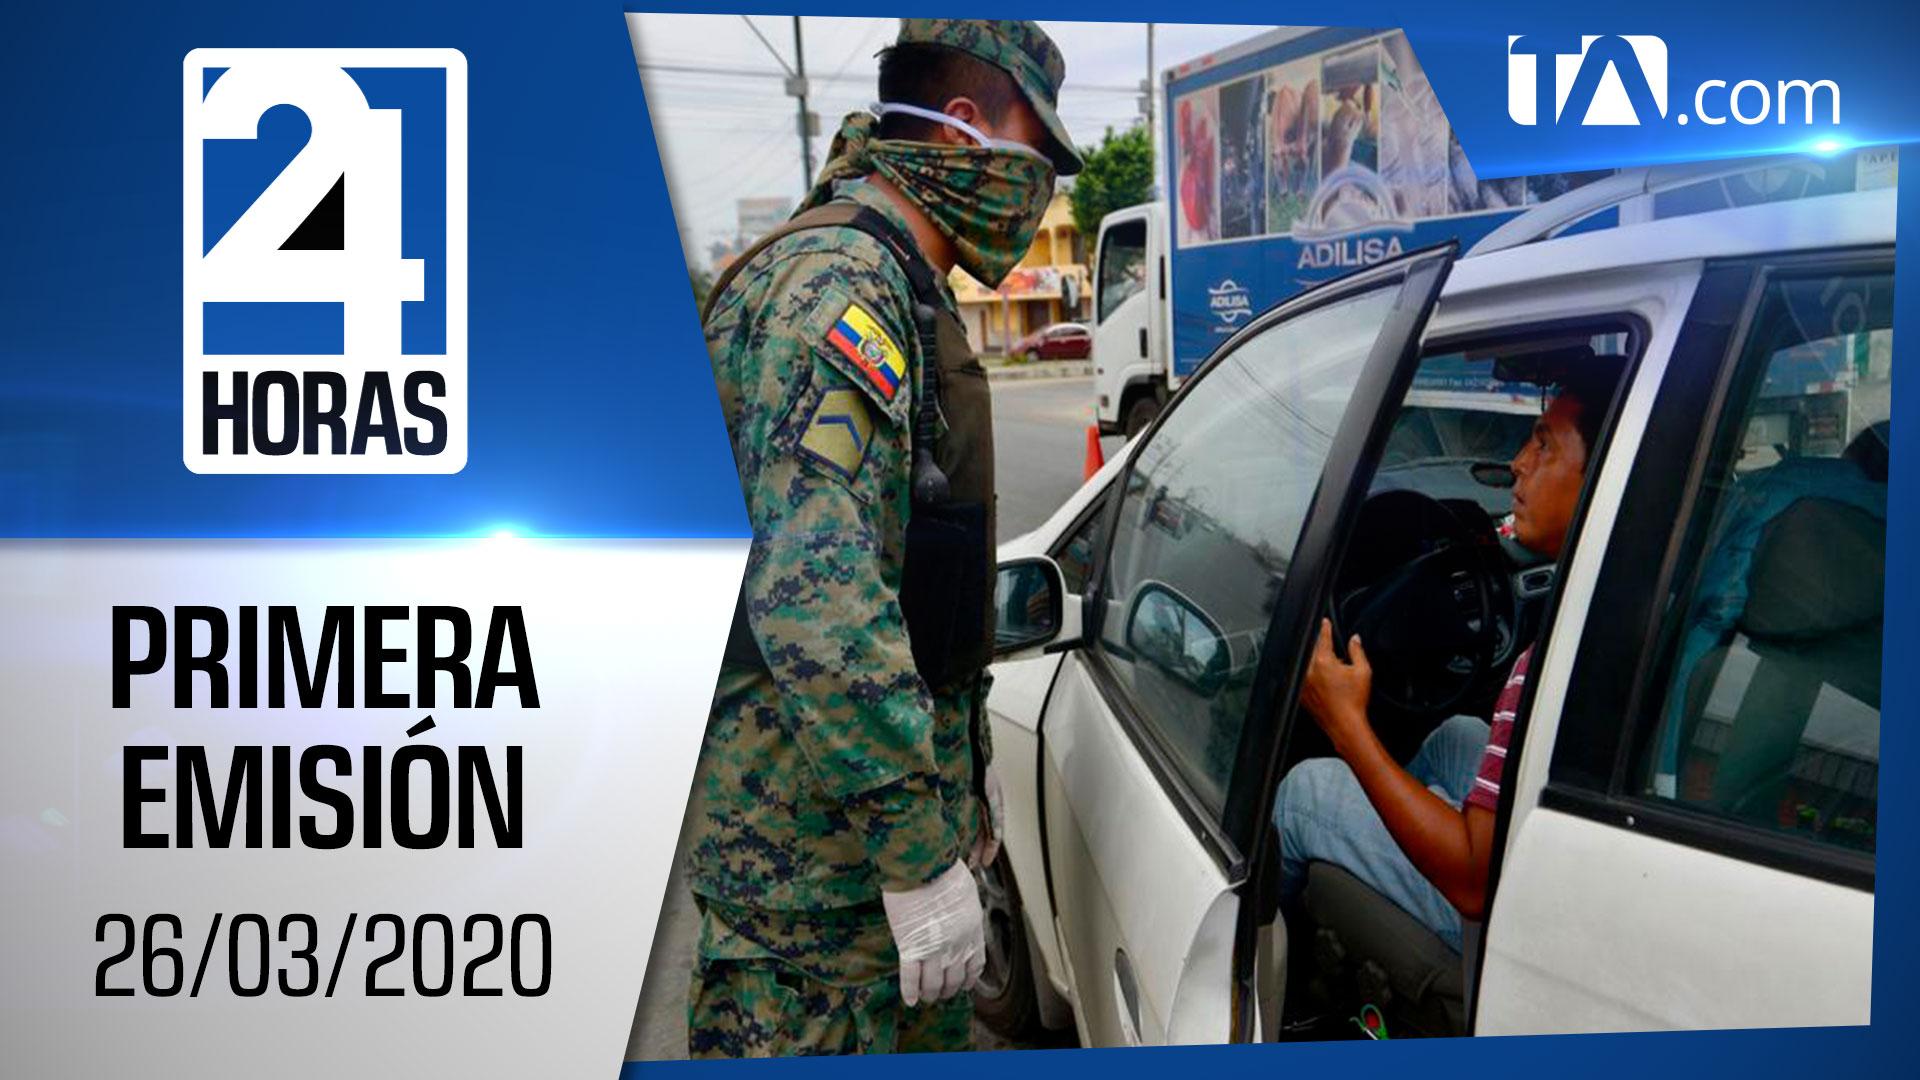 Noticias Ecuador: Noticiero 24 Horas 26/03/2020 Primera Emisión